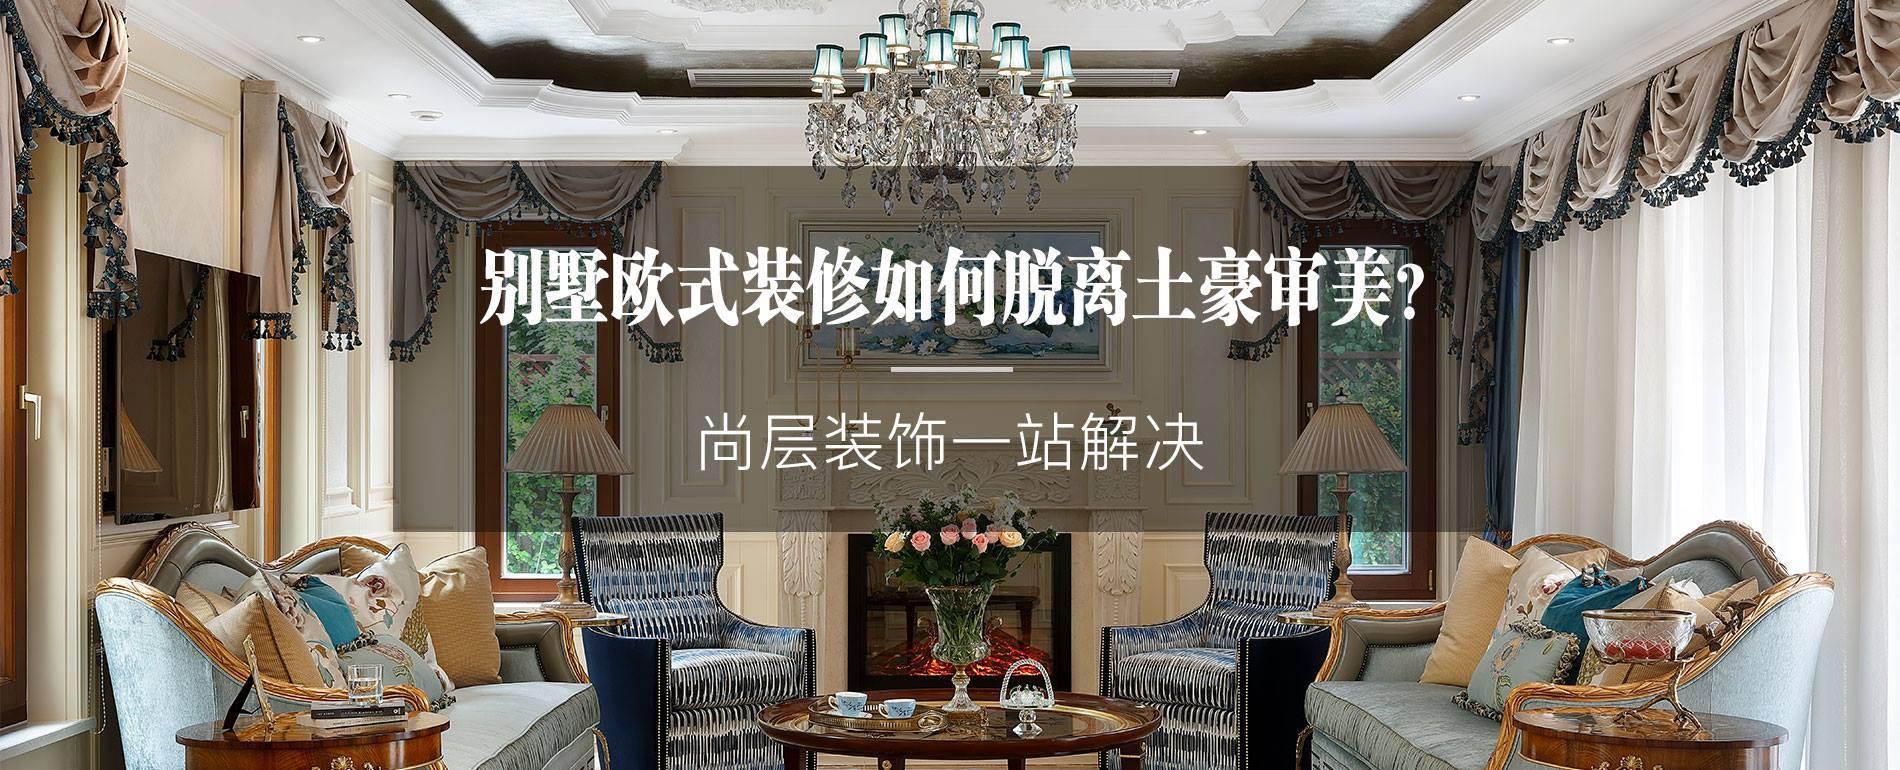 欧式风格别墅装修设计-深圳别墅装修公司